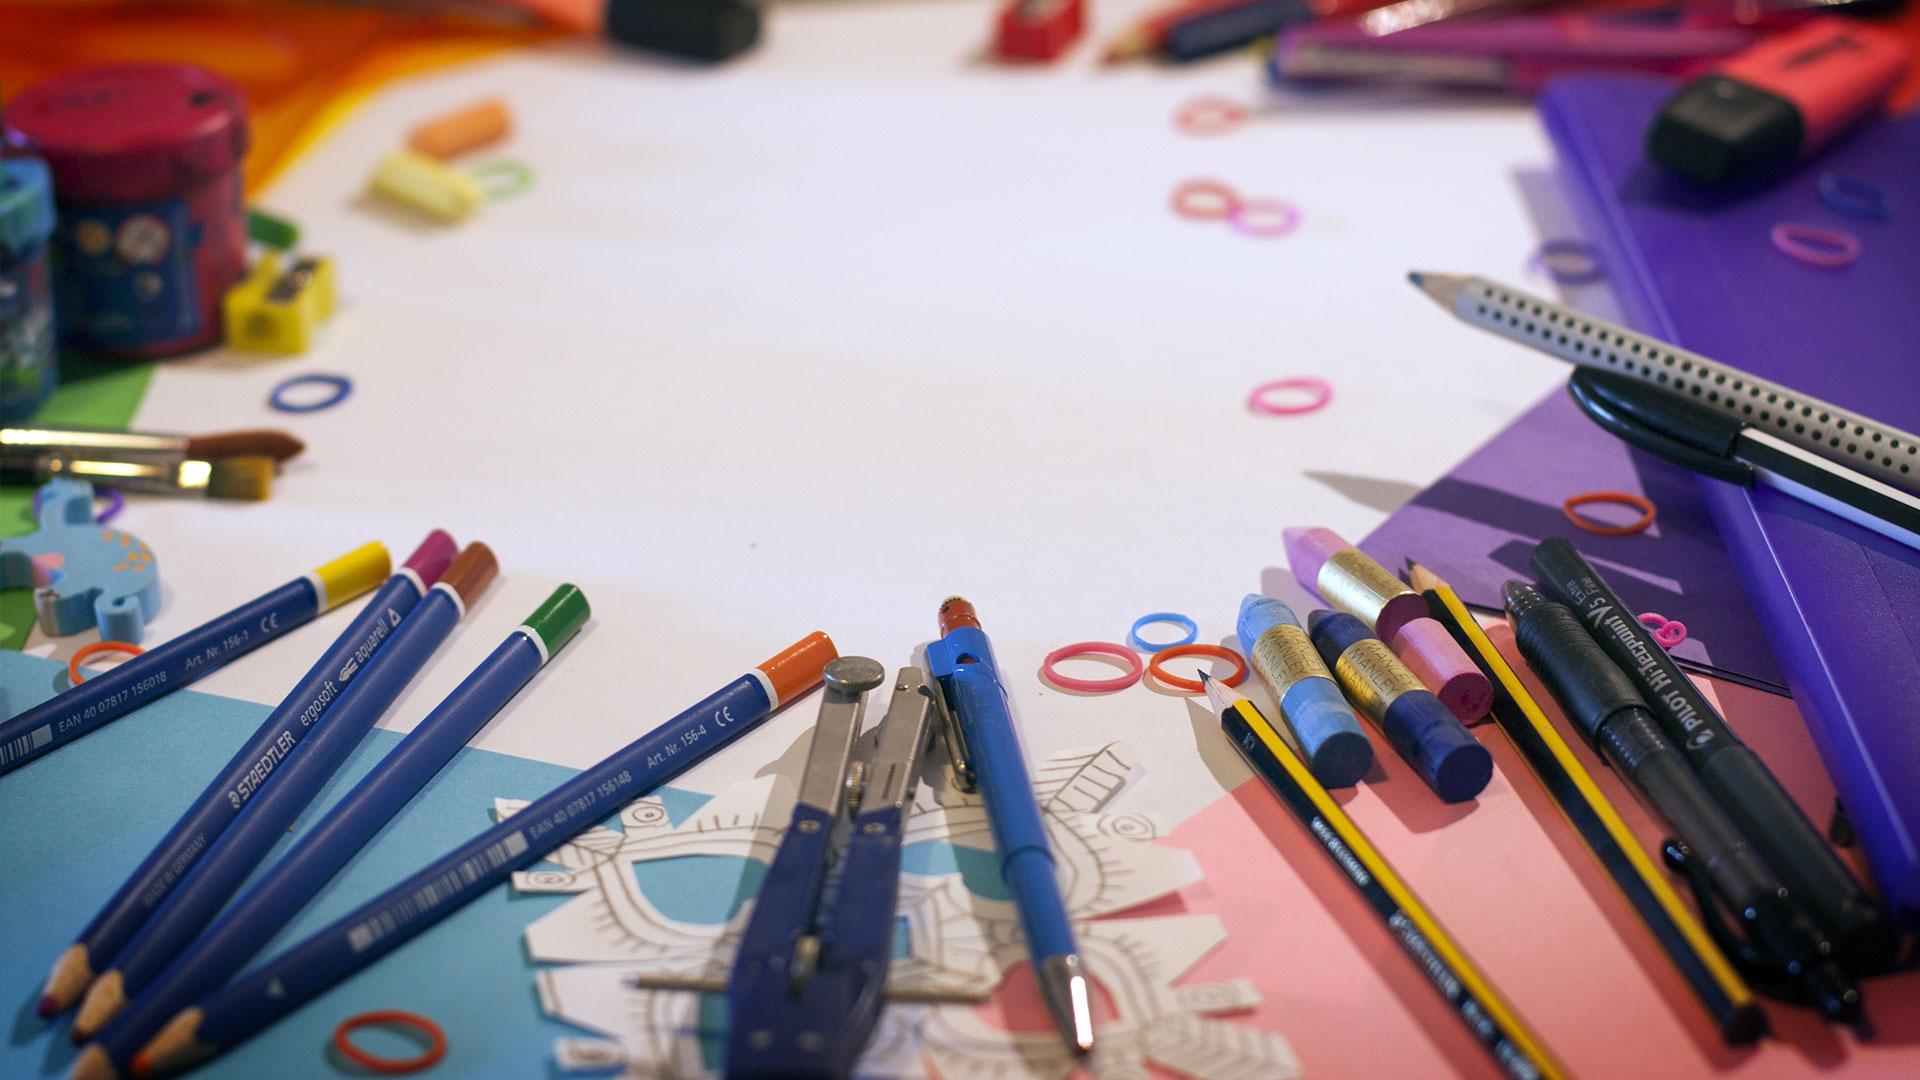 KELO school supplies colored pencils